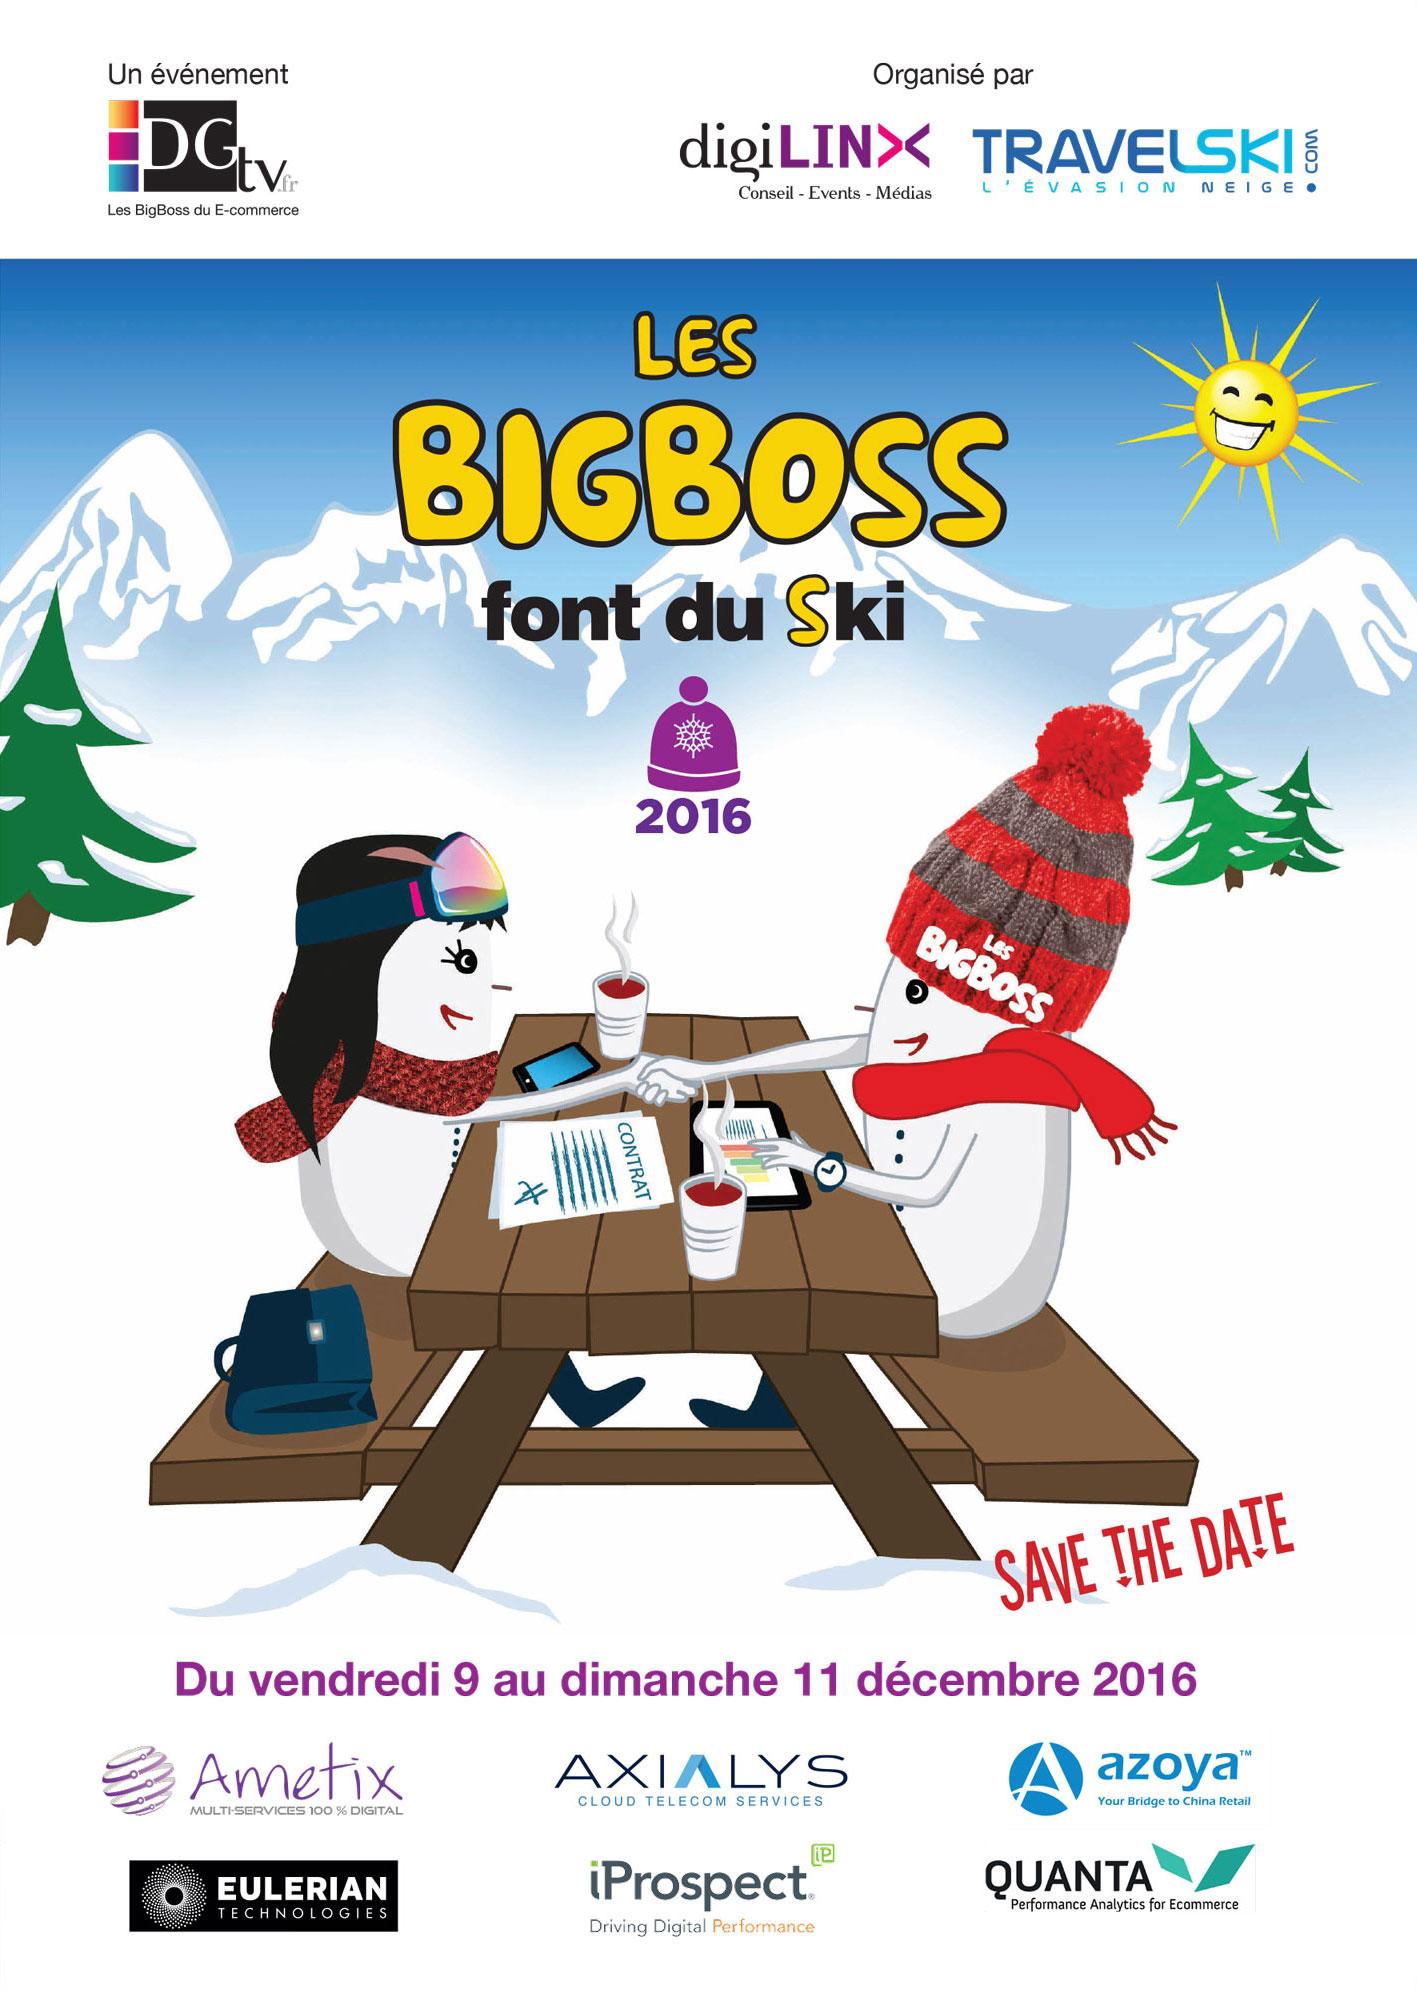 Les BigBoss sont de retour aux Arcs du 9 au 11 décembre 2016